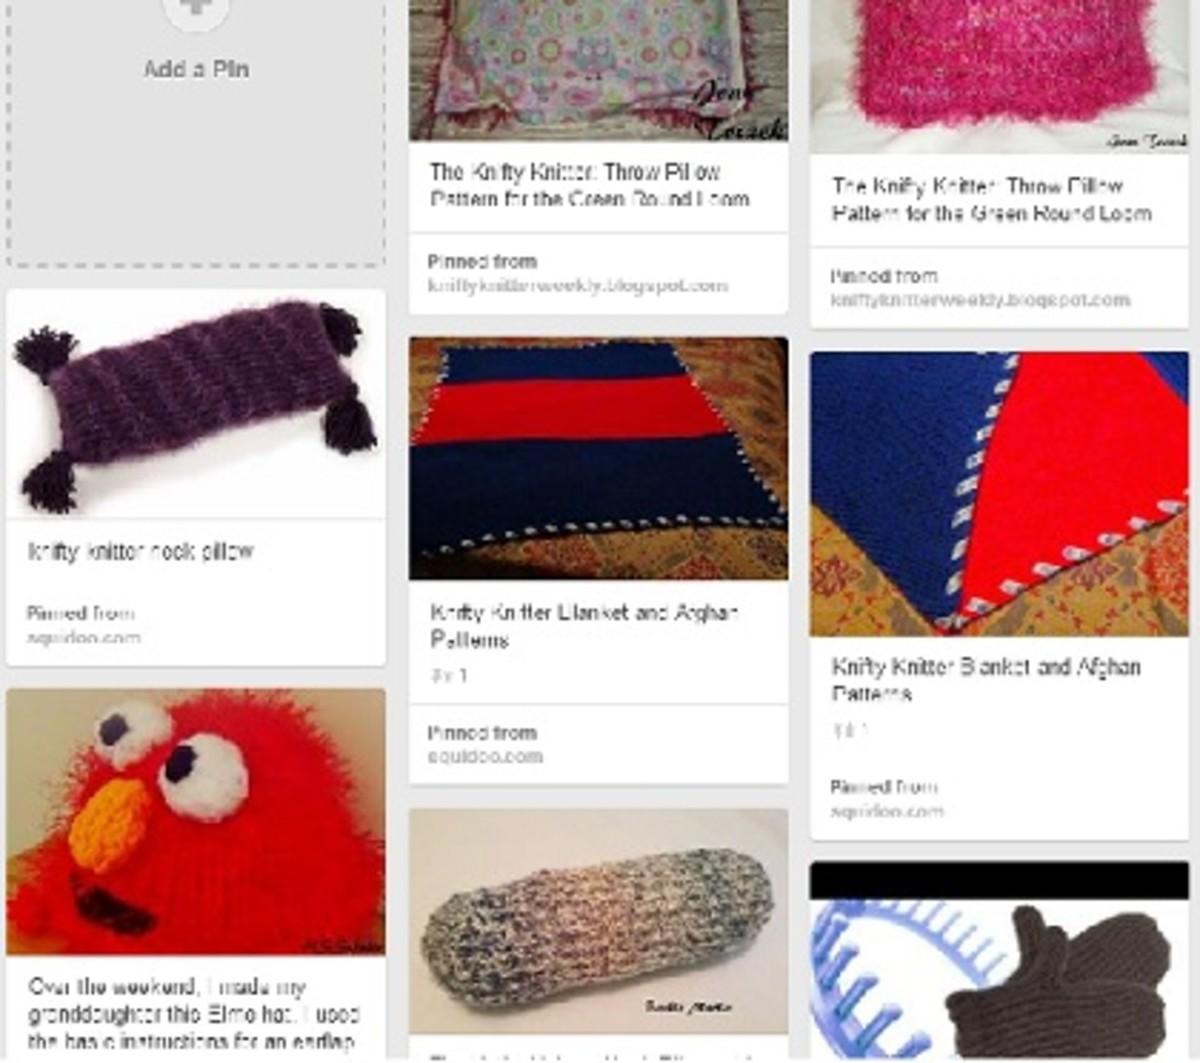 Loom Knit Patter Sampler on Pinterest